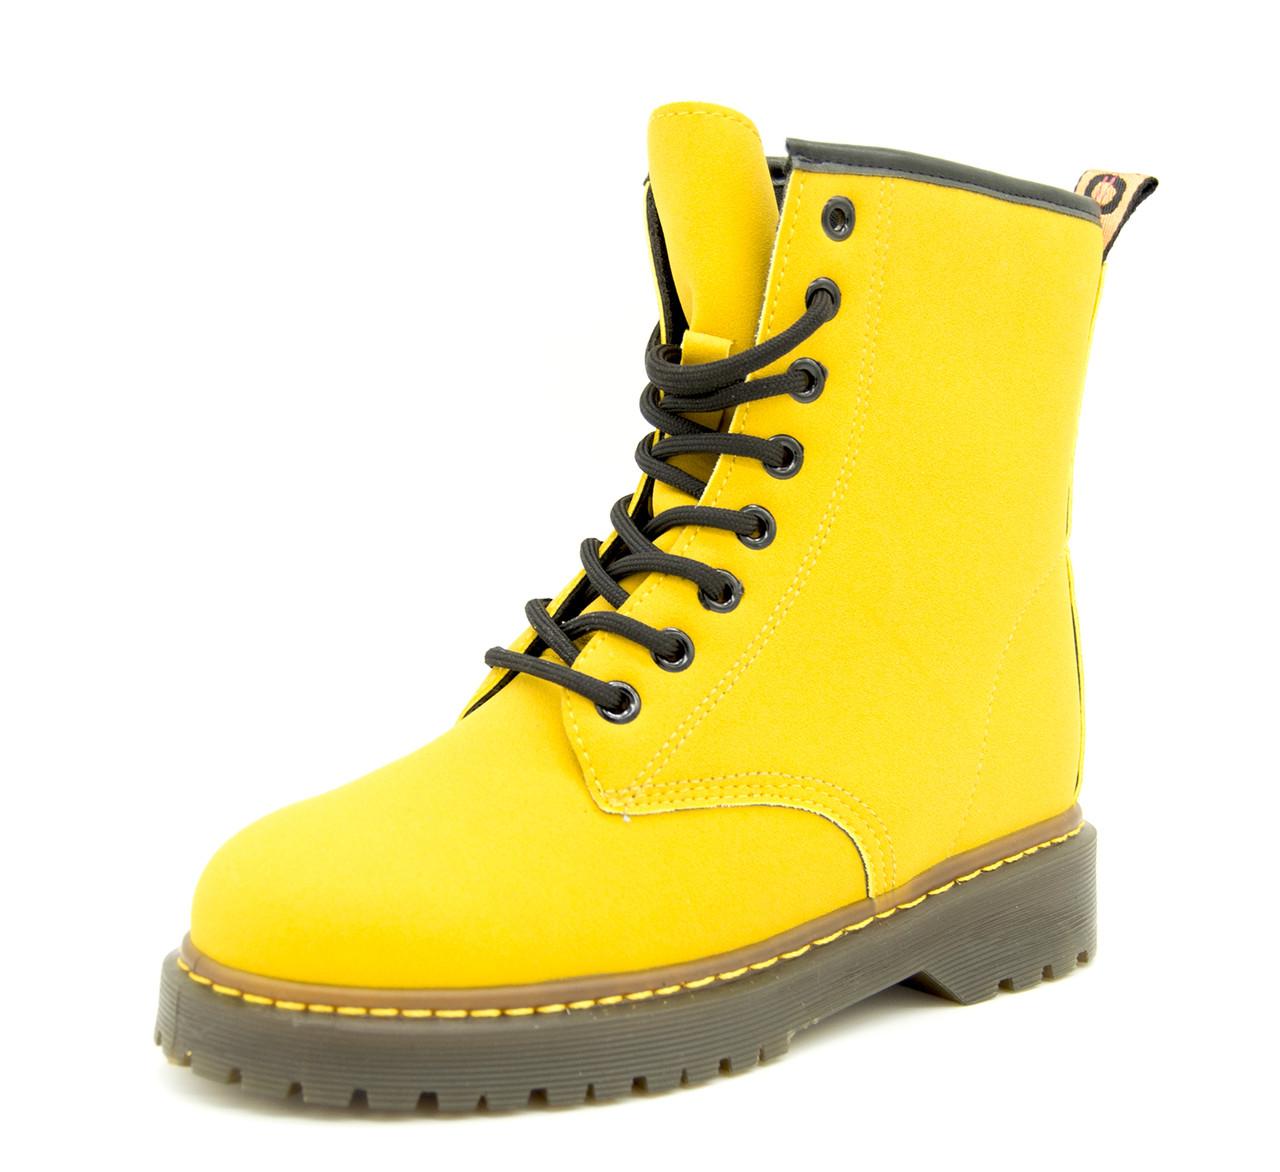 Демисезонные ботинки Angel by Violeta Wonex для девочки Цвет - Желтый